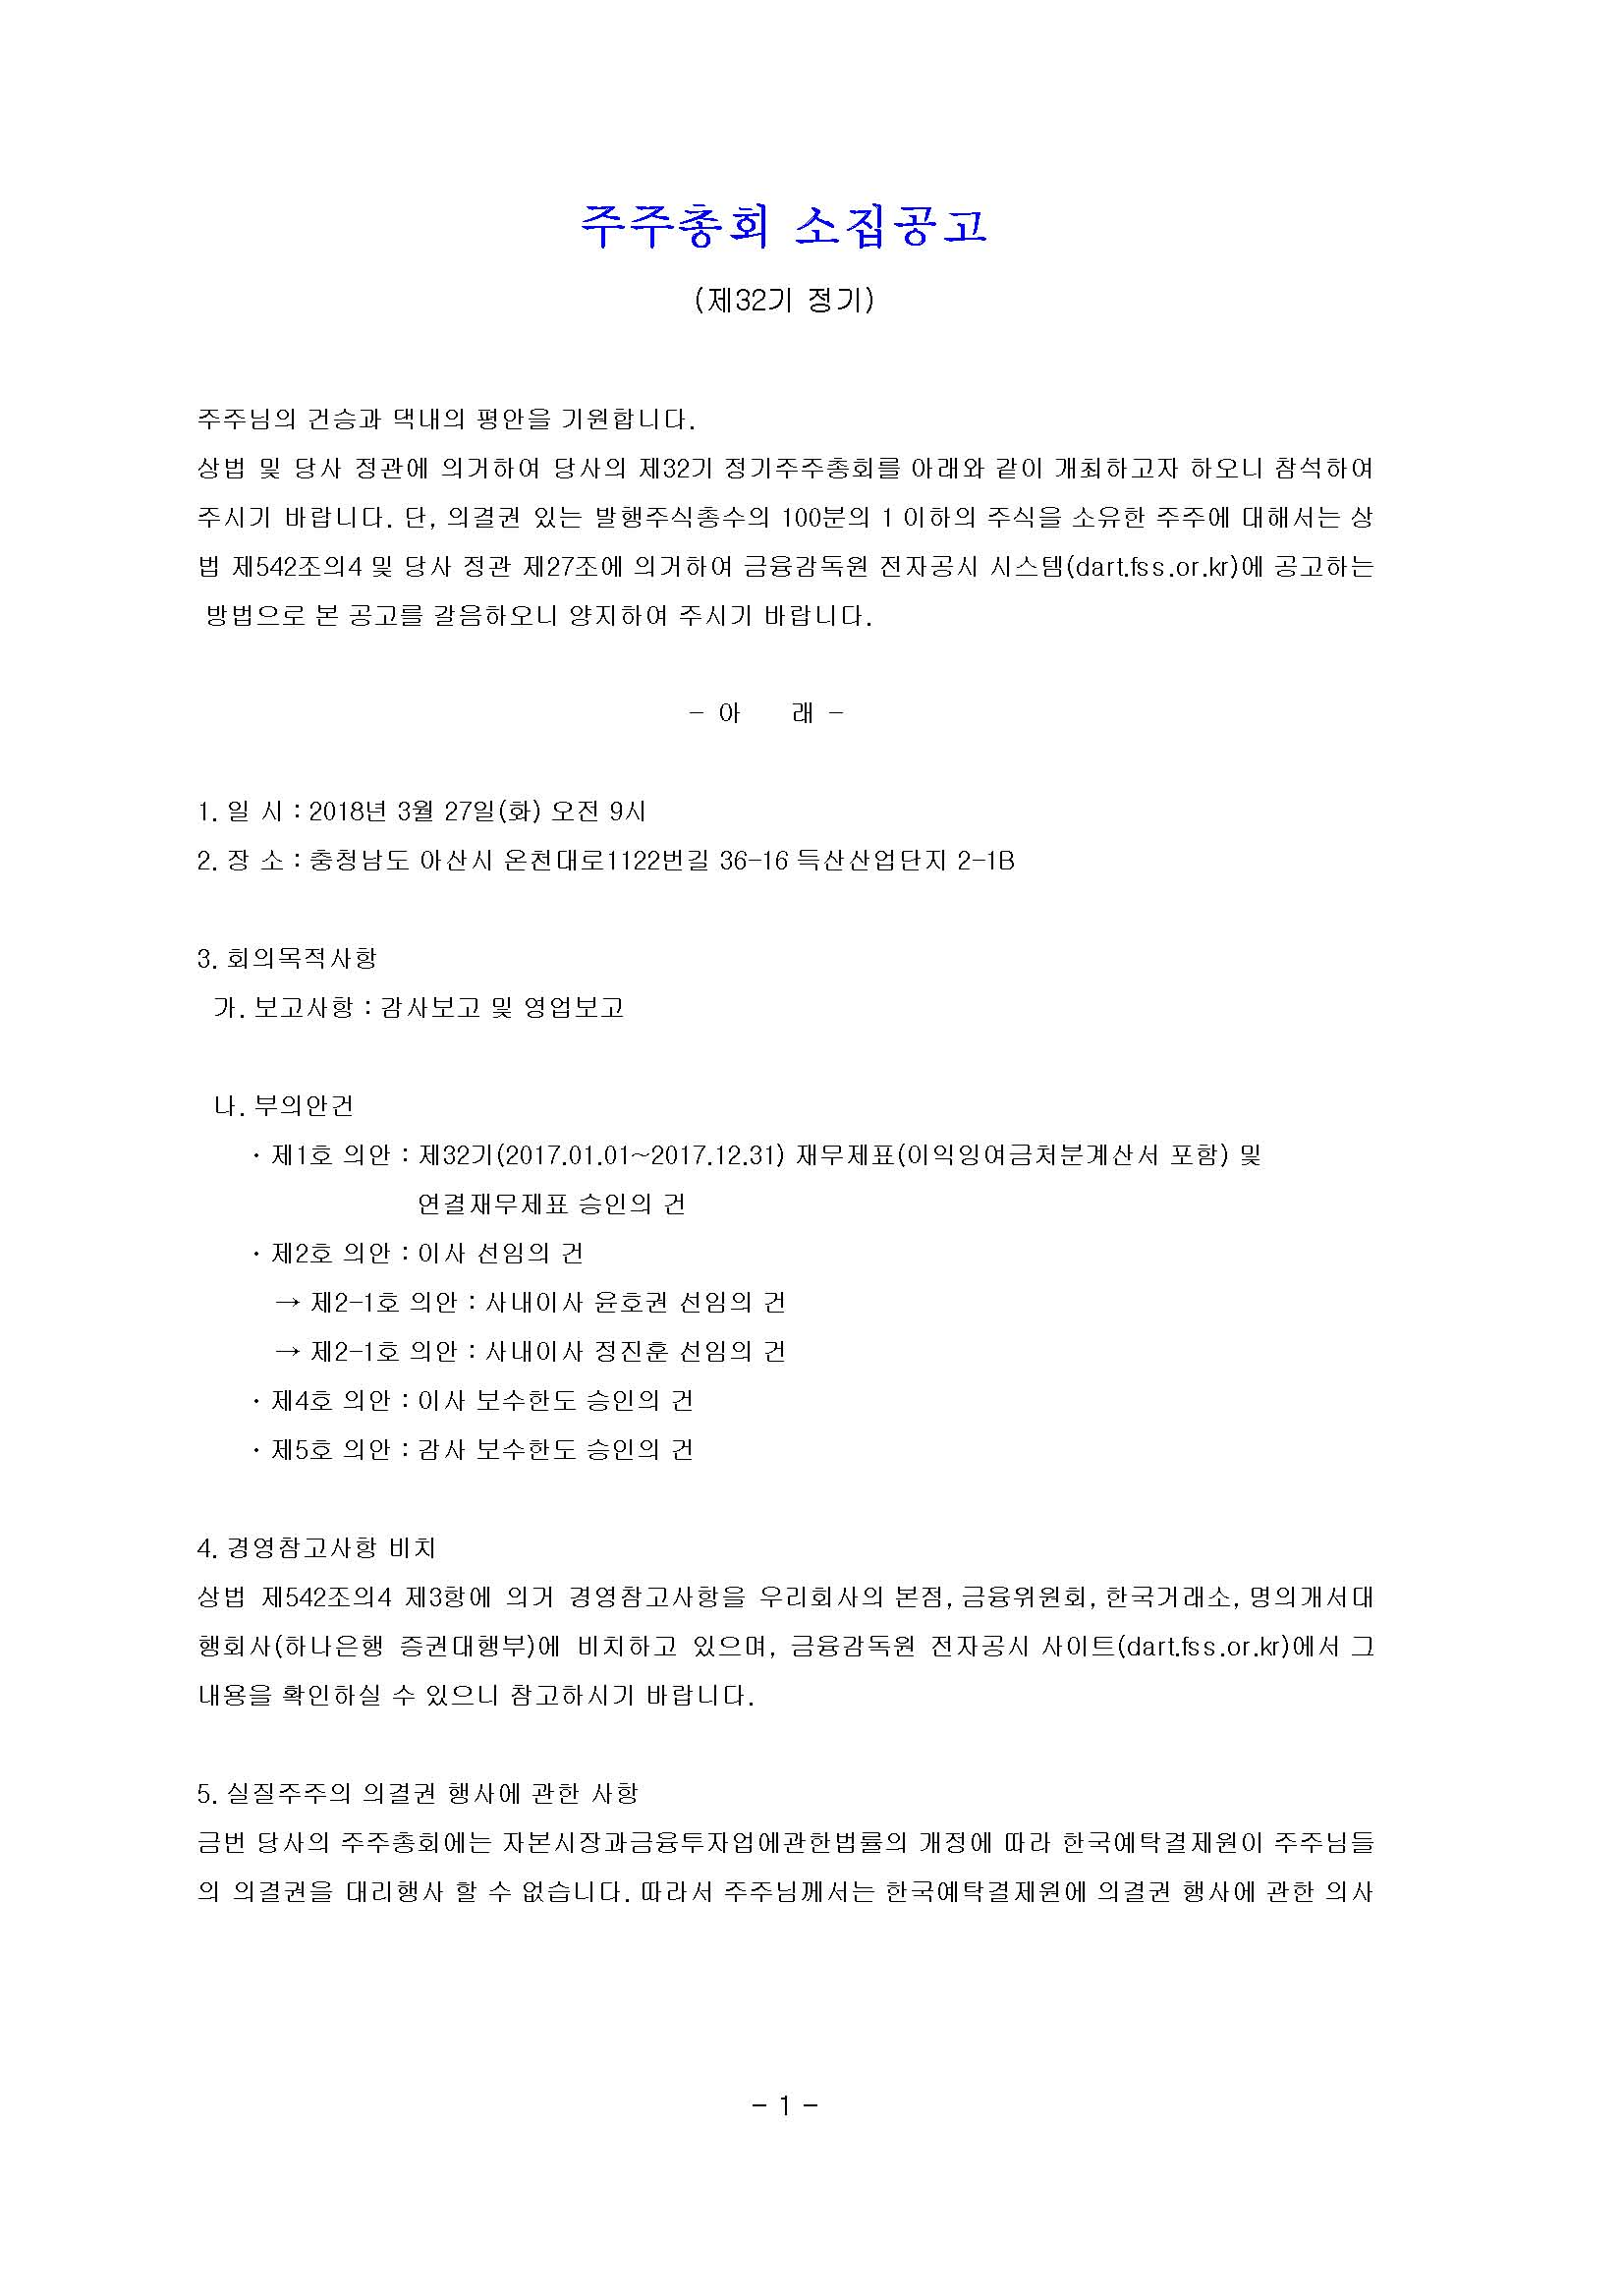 20180309 주주총회소집공고-바이오스마트_페이지_02.jpg